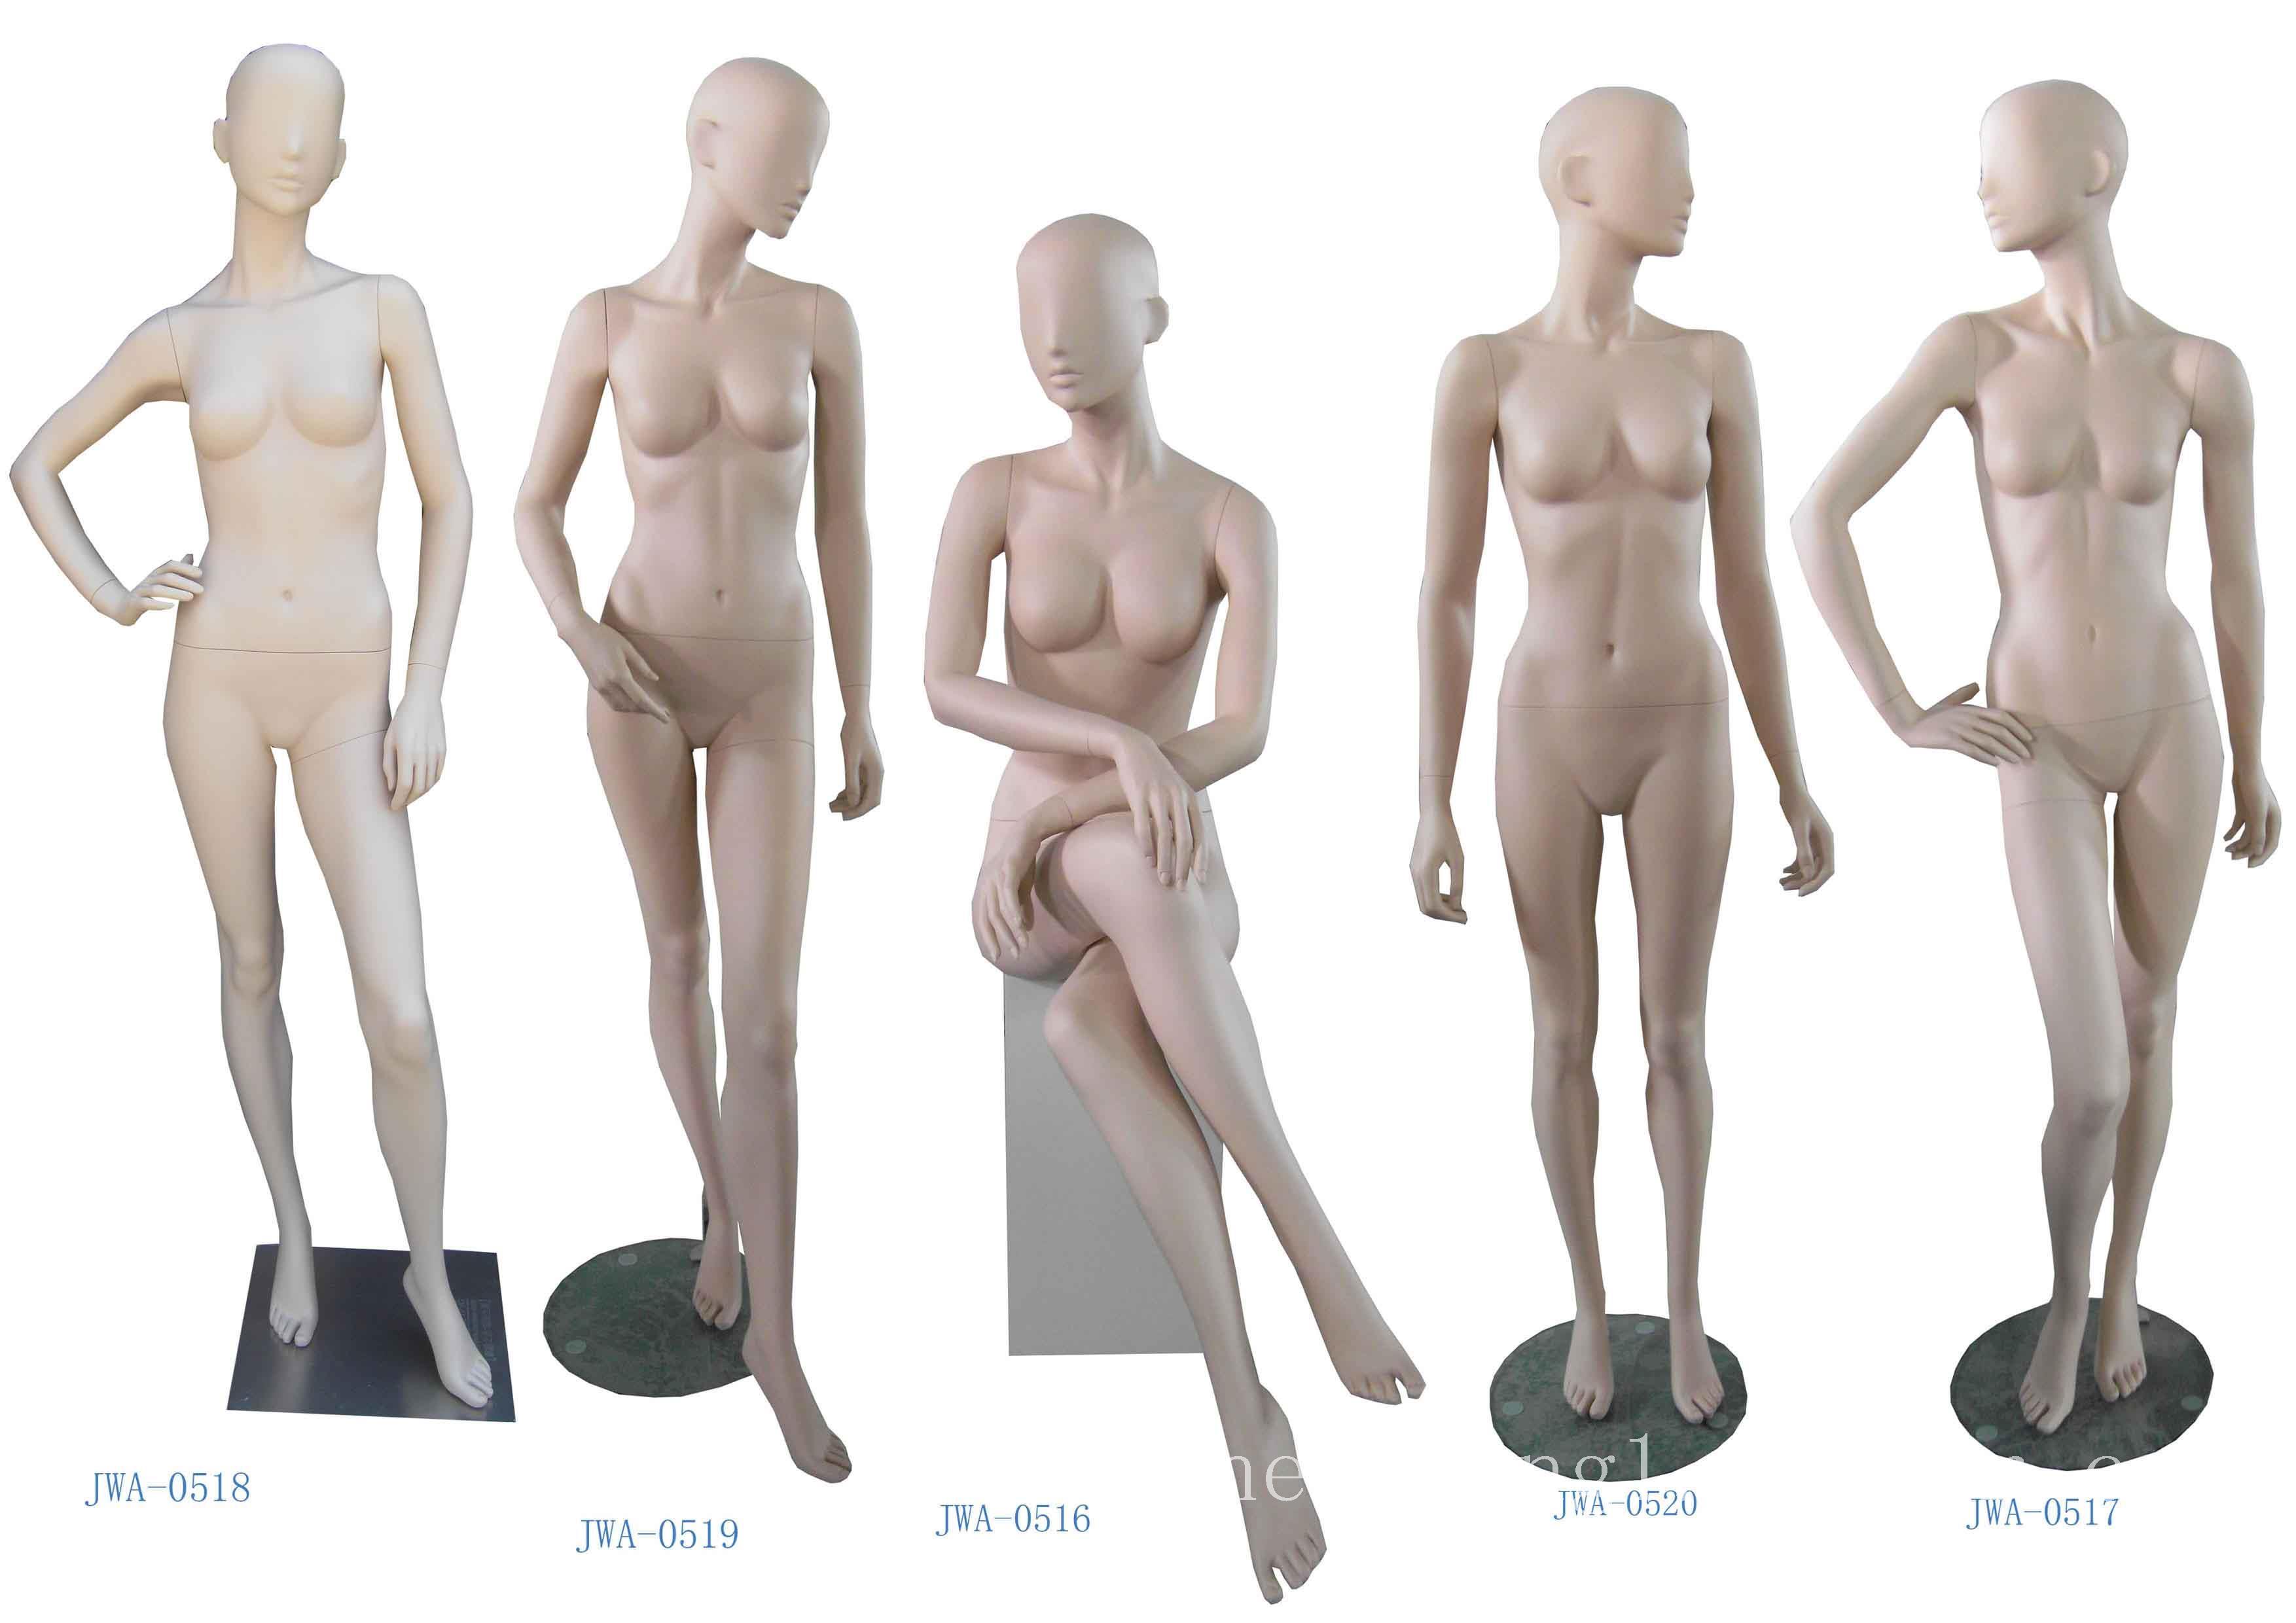 全身组合模特专卖_有头女全身组合模特_上海全身组合模特价格